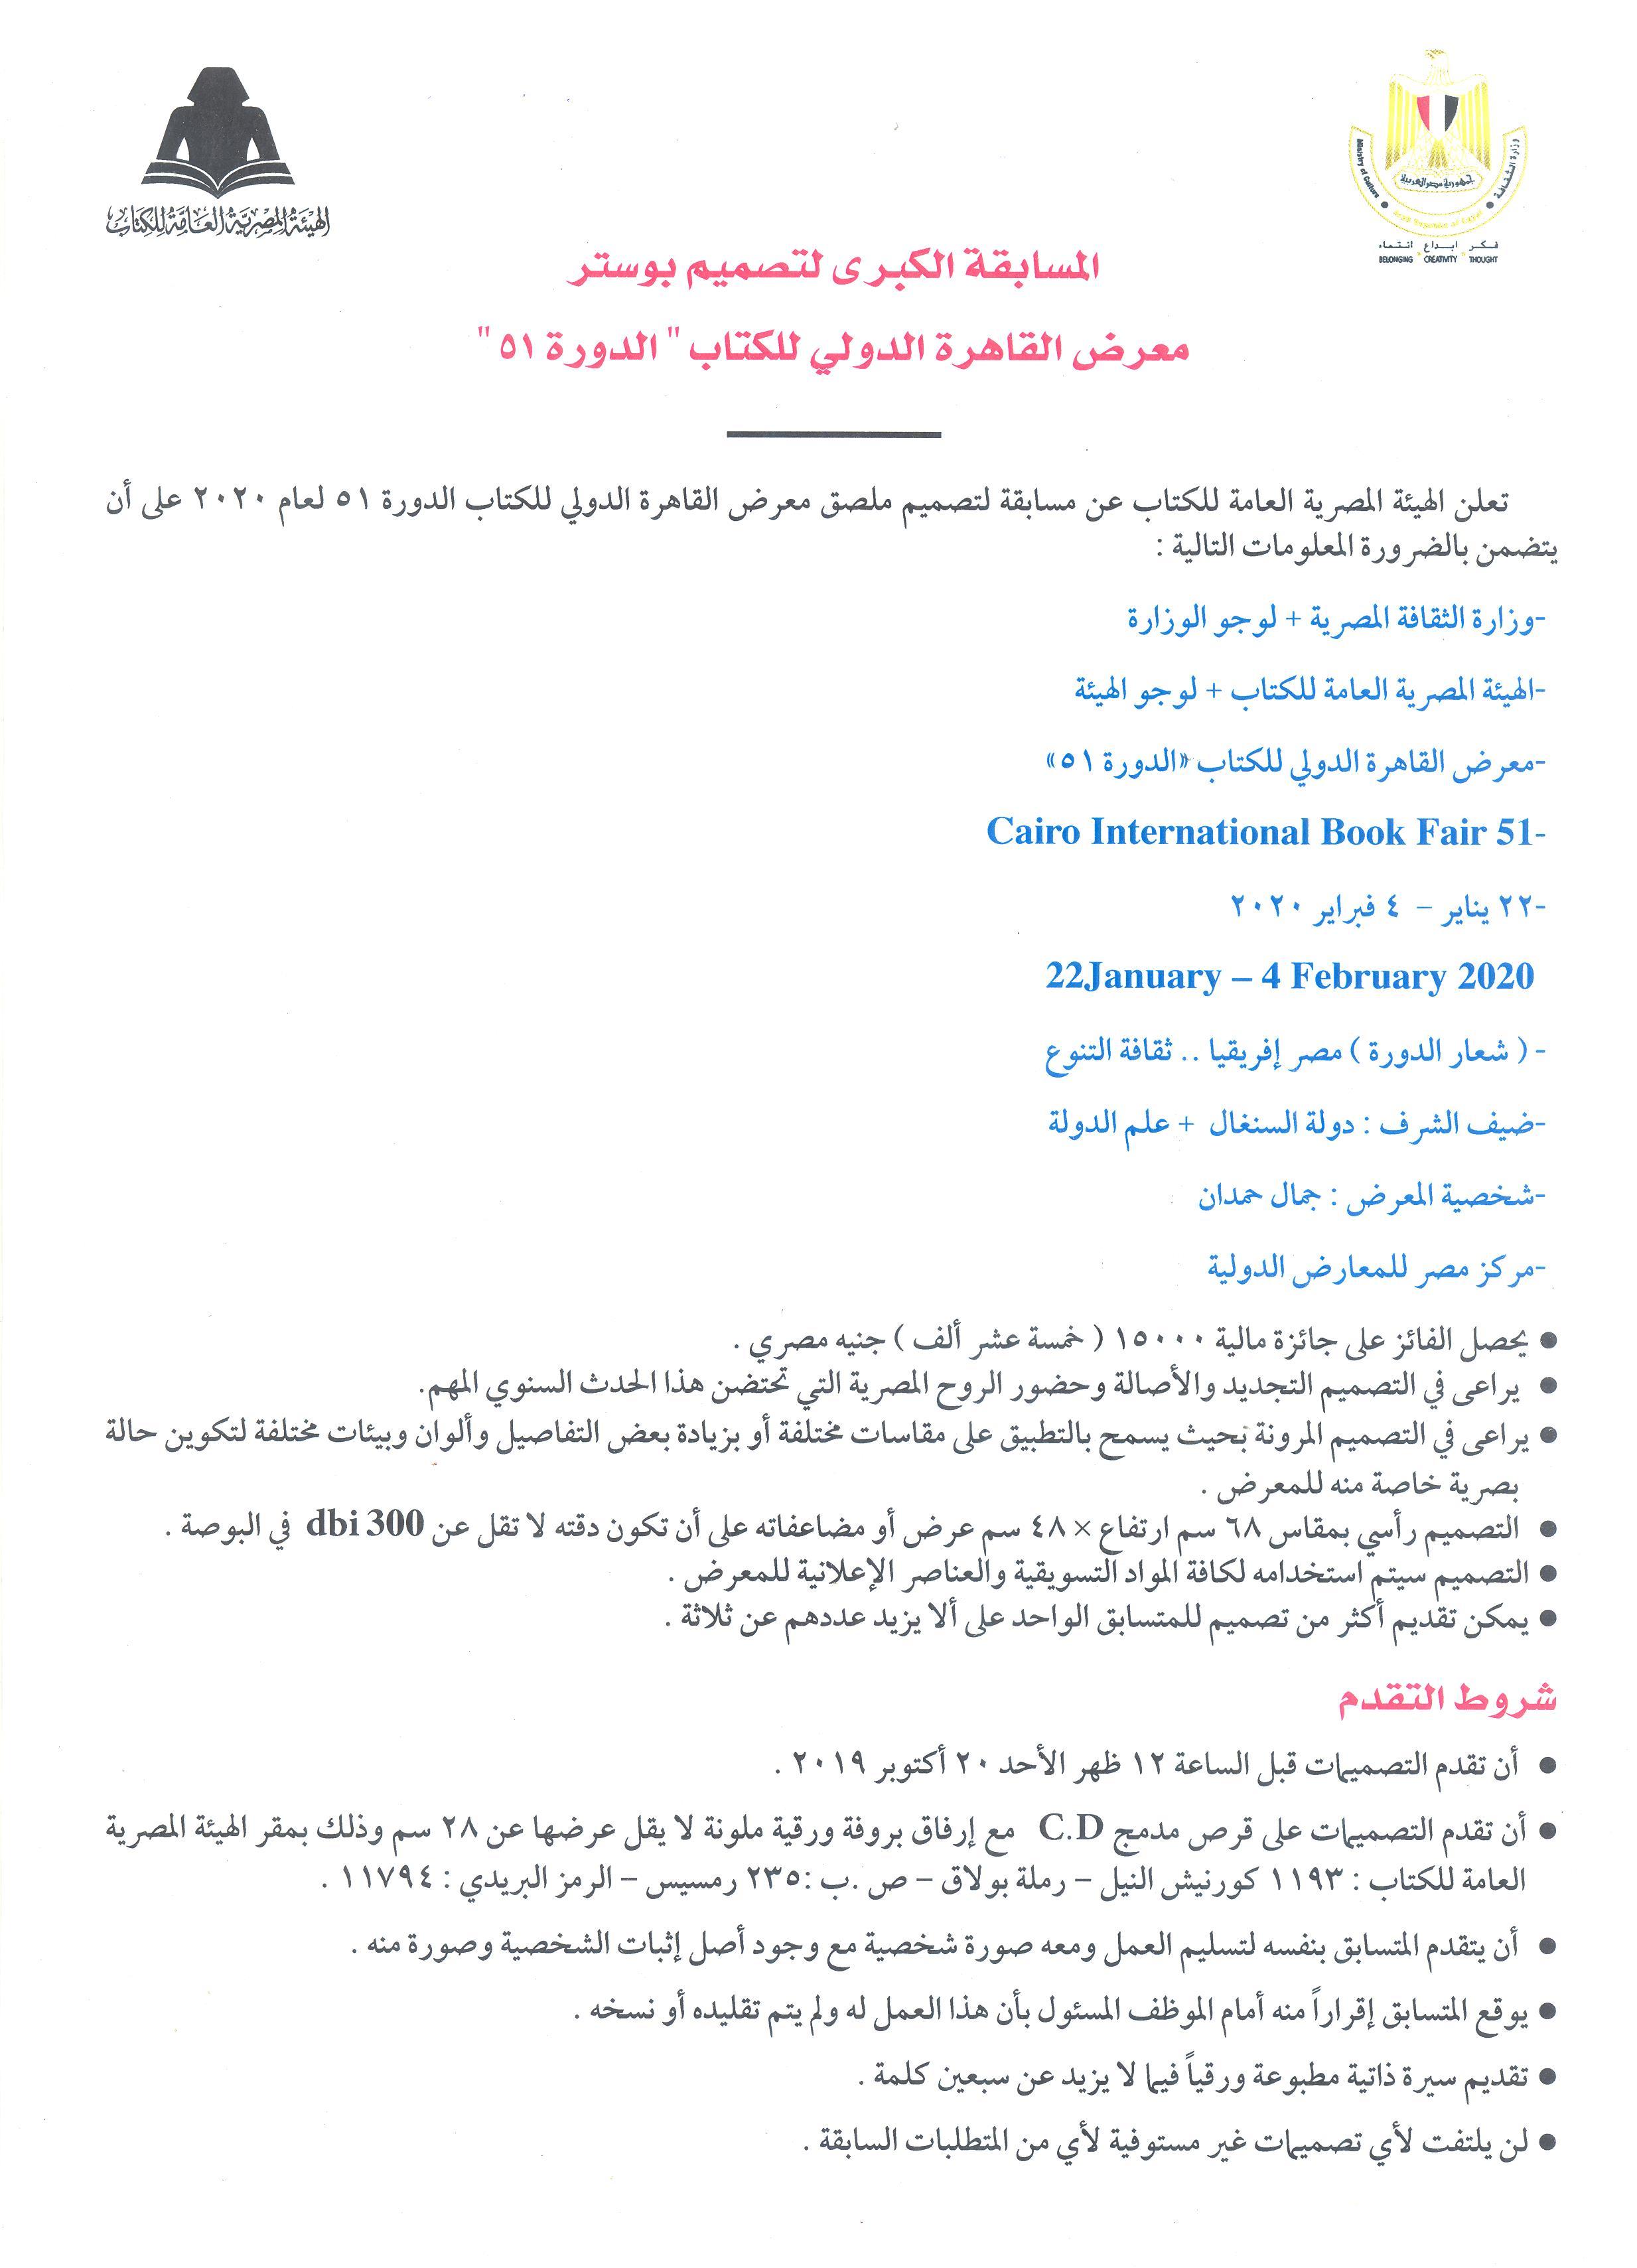 """المسابقة الكبرى لتصميم بوستر  معرض القاهرة الدولي للكتاب """" الدورة 51 """" 1"""